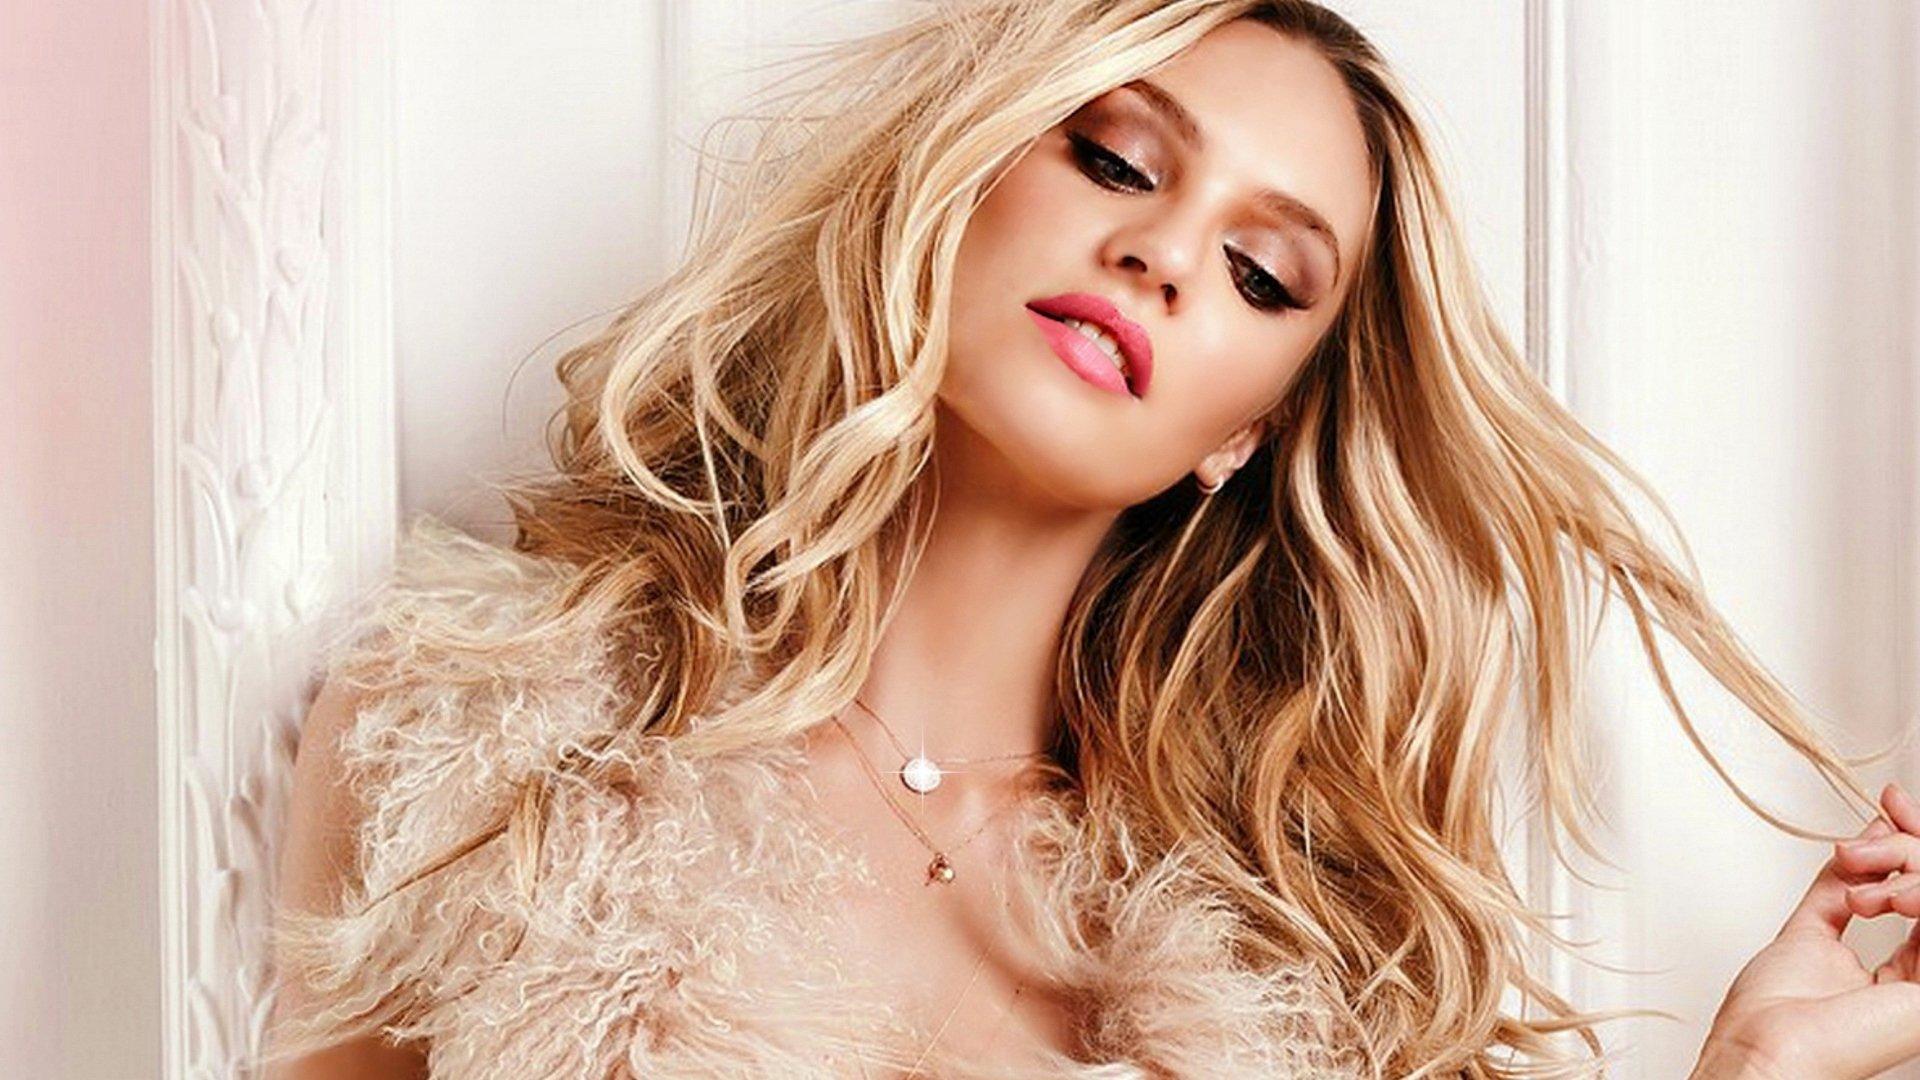 Сногсшибательная модель блондинка 11